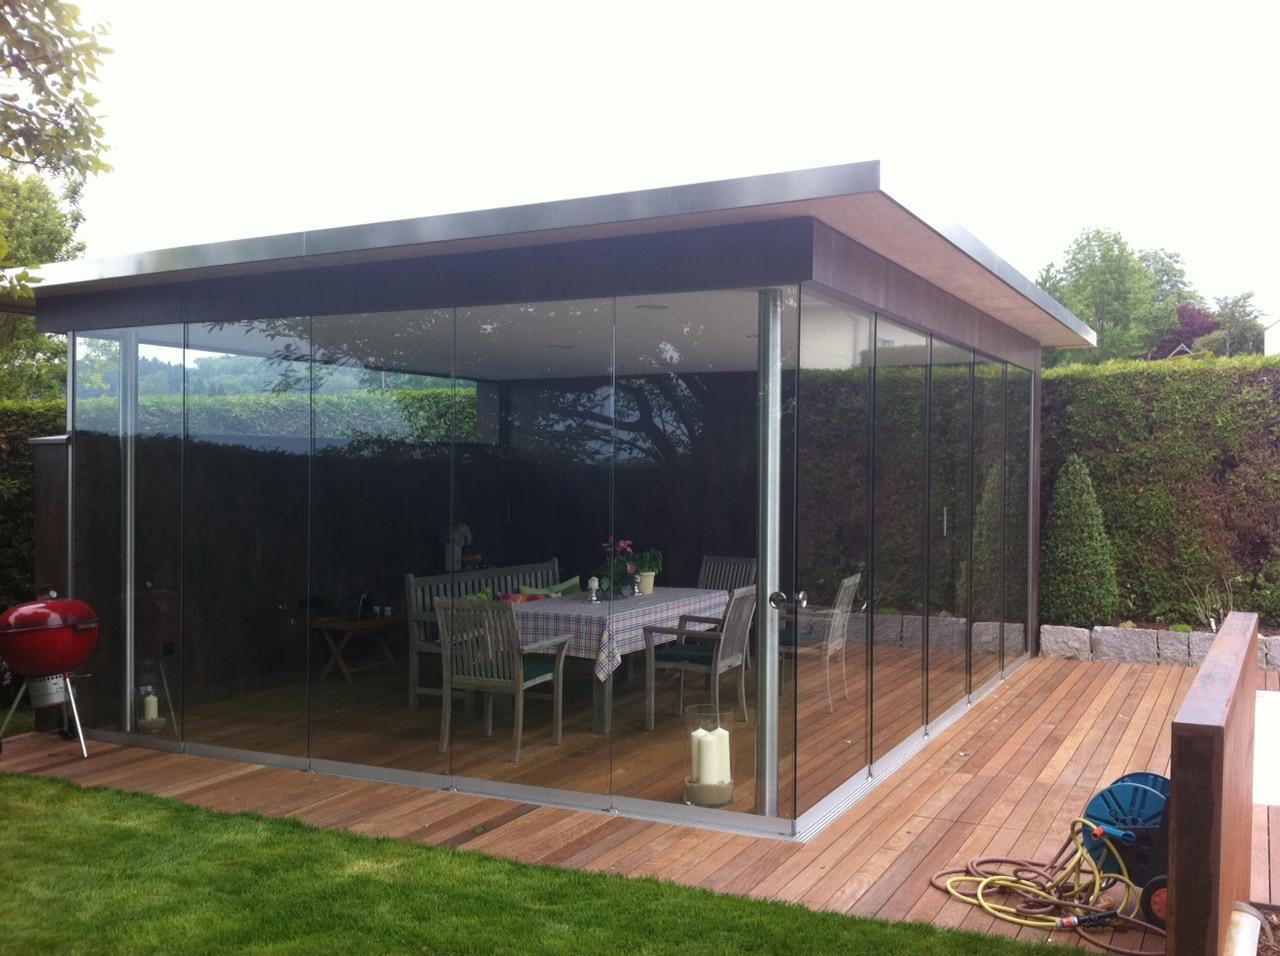 Schiebewand als Windschutz für Gartenhaus